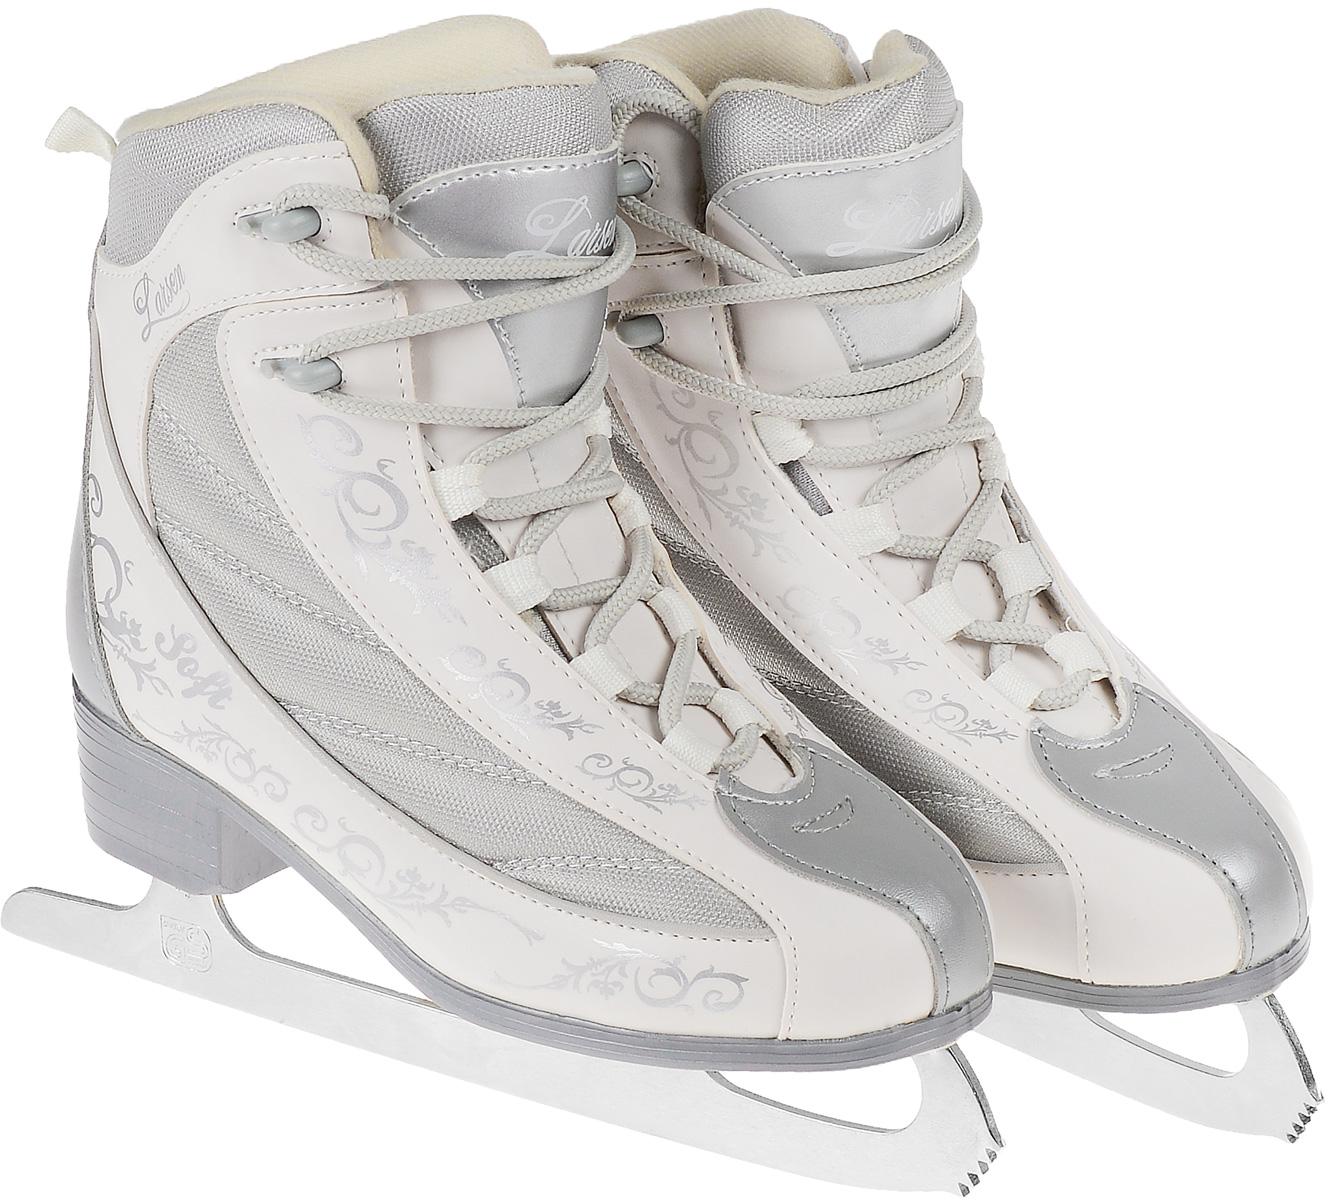 Коньки фигурные женские Larsen Soft, цвет: белый, серый. Размер 37CK Ladies Lux 2012-2013 White TricotФигурные коньки Soft от Larsen прекрасно подойдут для катания на открытых и закрытых катках. Ботинки с удобной колодкой выполнены из морозоустойчивого поливинилхлорида и текстиля. Внутренняя поверхность изготовлена из мягкого велюра, который обеспечит тепло и комфорт во время катания. Язычок анатомической формы. Плотная шнуровка надежно фиксирует модель на ноге. Система быстрой шнуровки позволит легко надеть коньки.Лезвие из углеродистой стали обеспечит превосходное скольжение. Оформлены коньки оригинальным орнаментом, прострочкой и на язычке надписью в виде названия бренда.Рекомендуемая температура использования до -20°С.